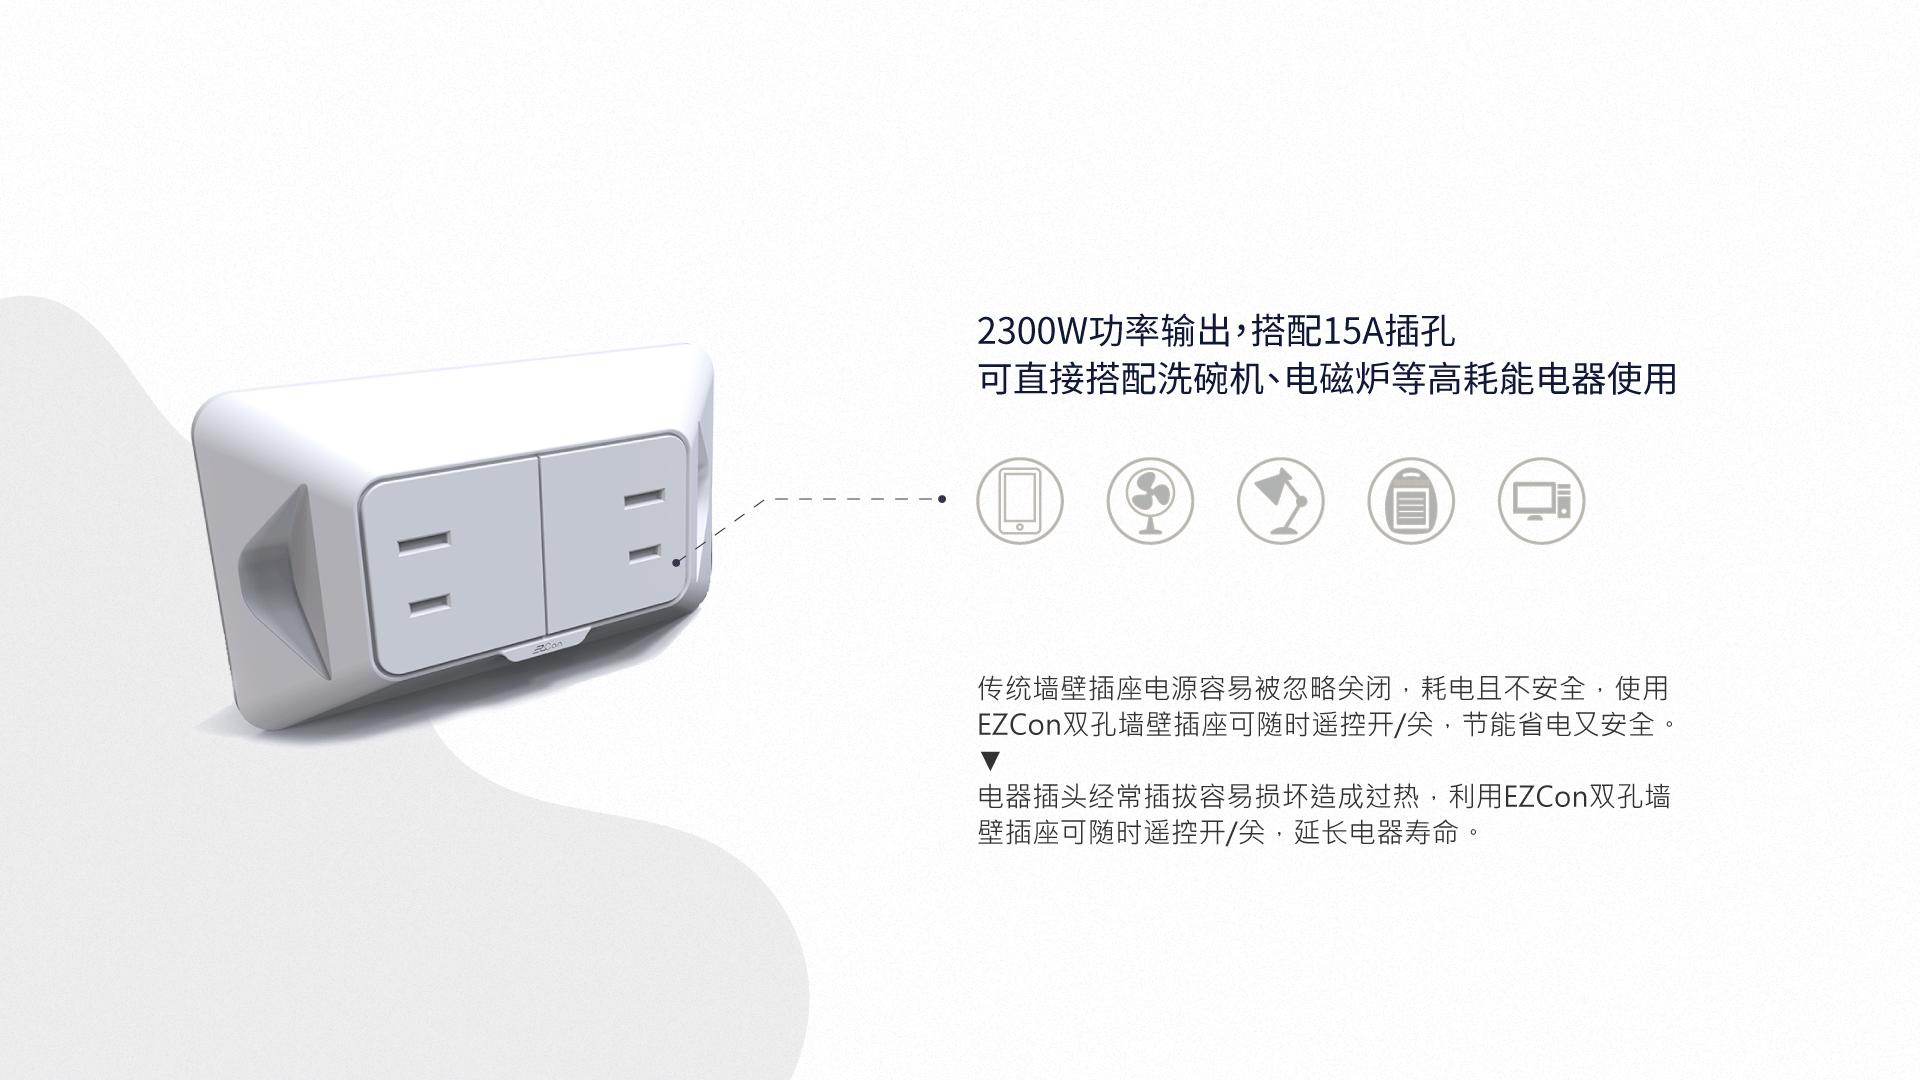 精密电流过载保护装置,使用更安心。